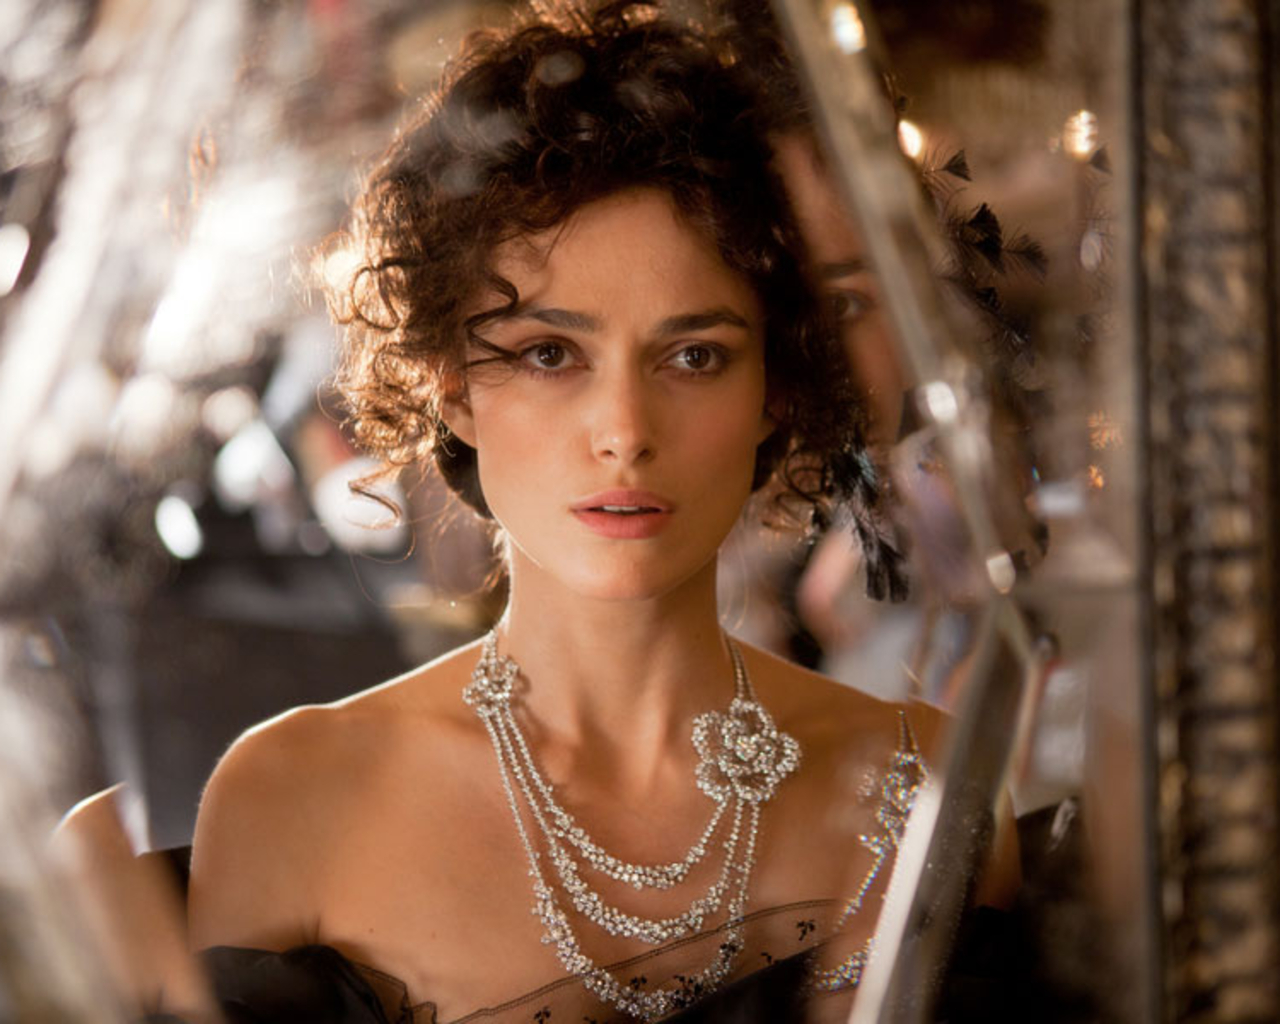 http://4.bp.blogspot.com/-SU1vleOaNww/T6y1t7wDNbI/AAAAAAAAFD4/S5mO-j5y9Y0/s1600/keira-knightley-anna-karenina.jpg